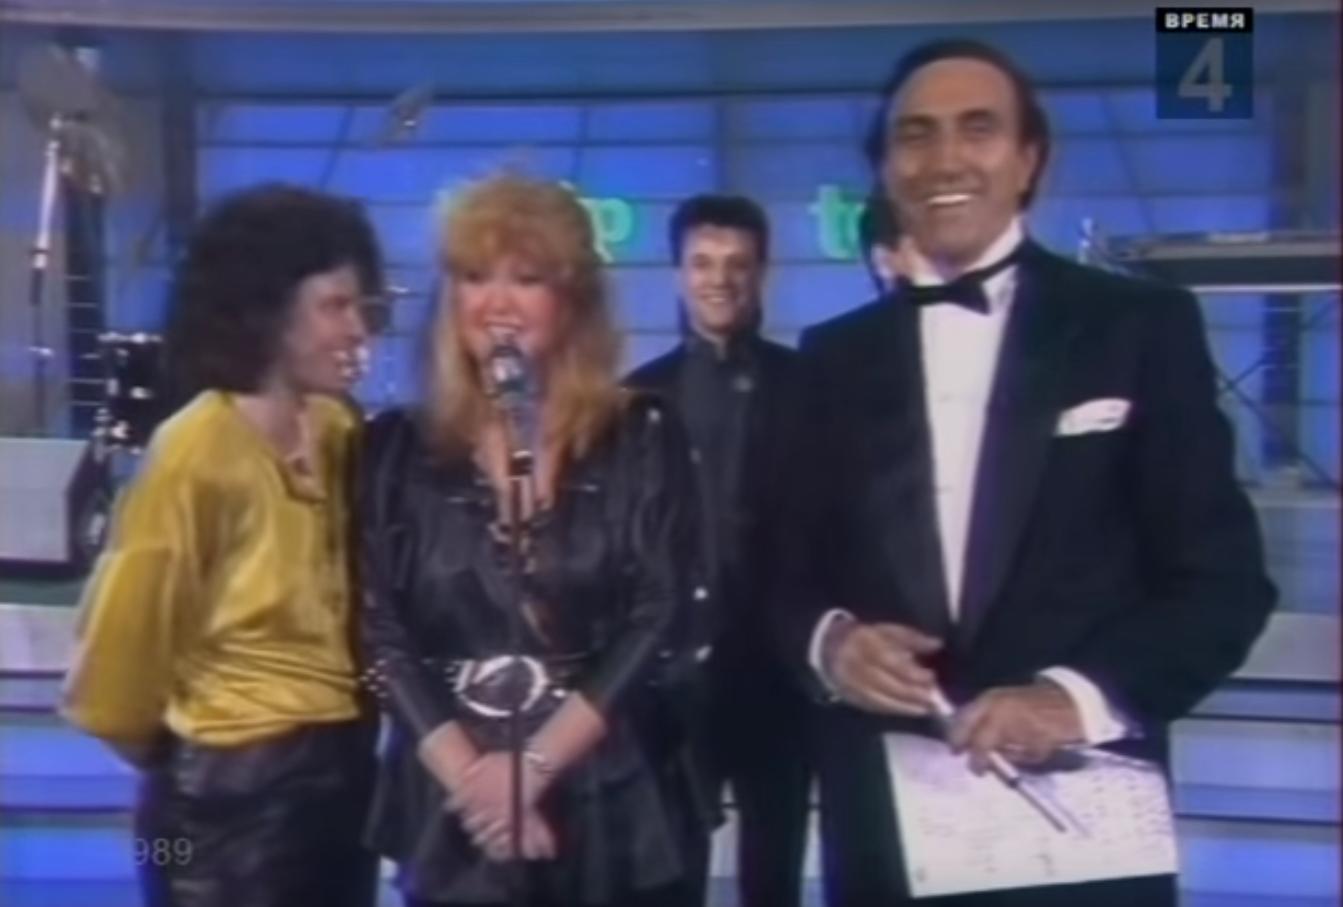 La cantante russa Alla Pugachyova e Pippo Baudo durante il festival di Sanremo del 1987